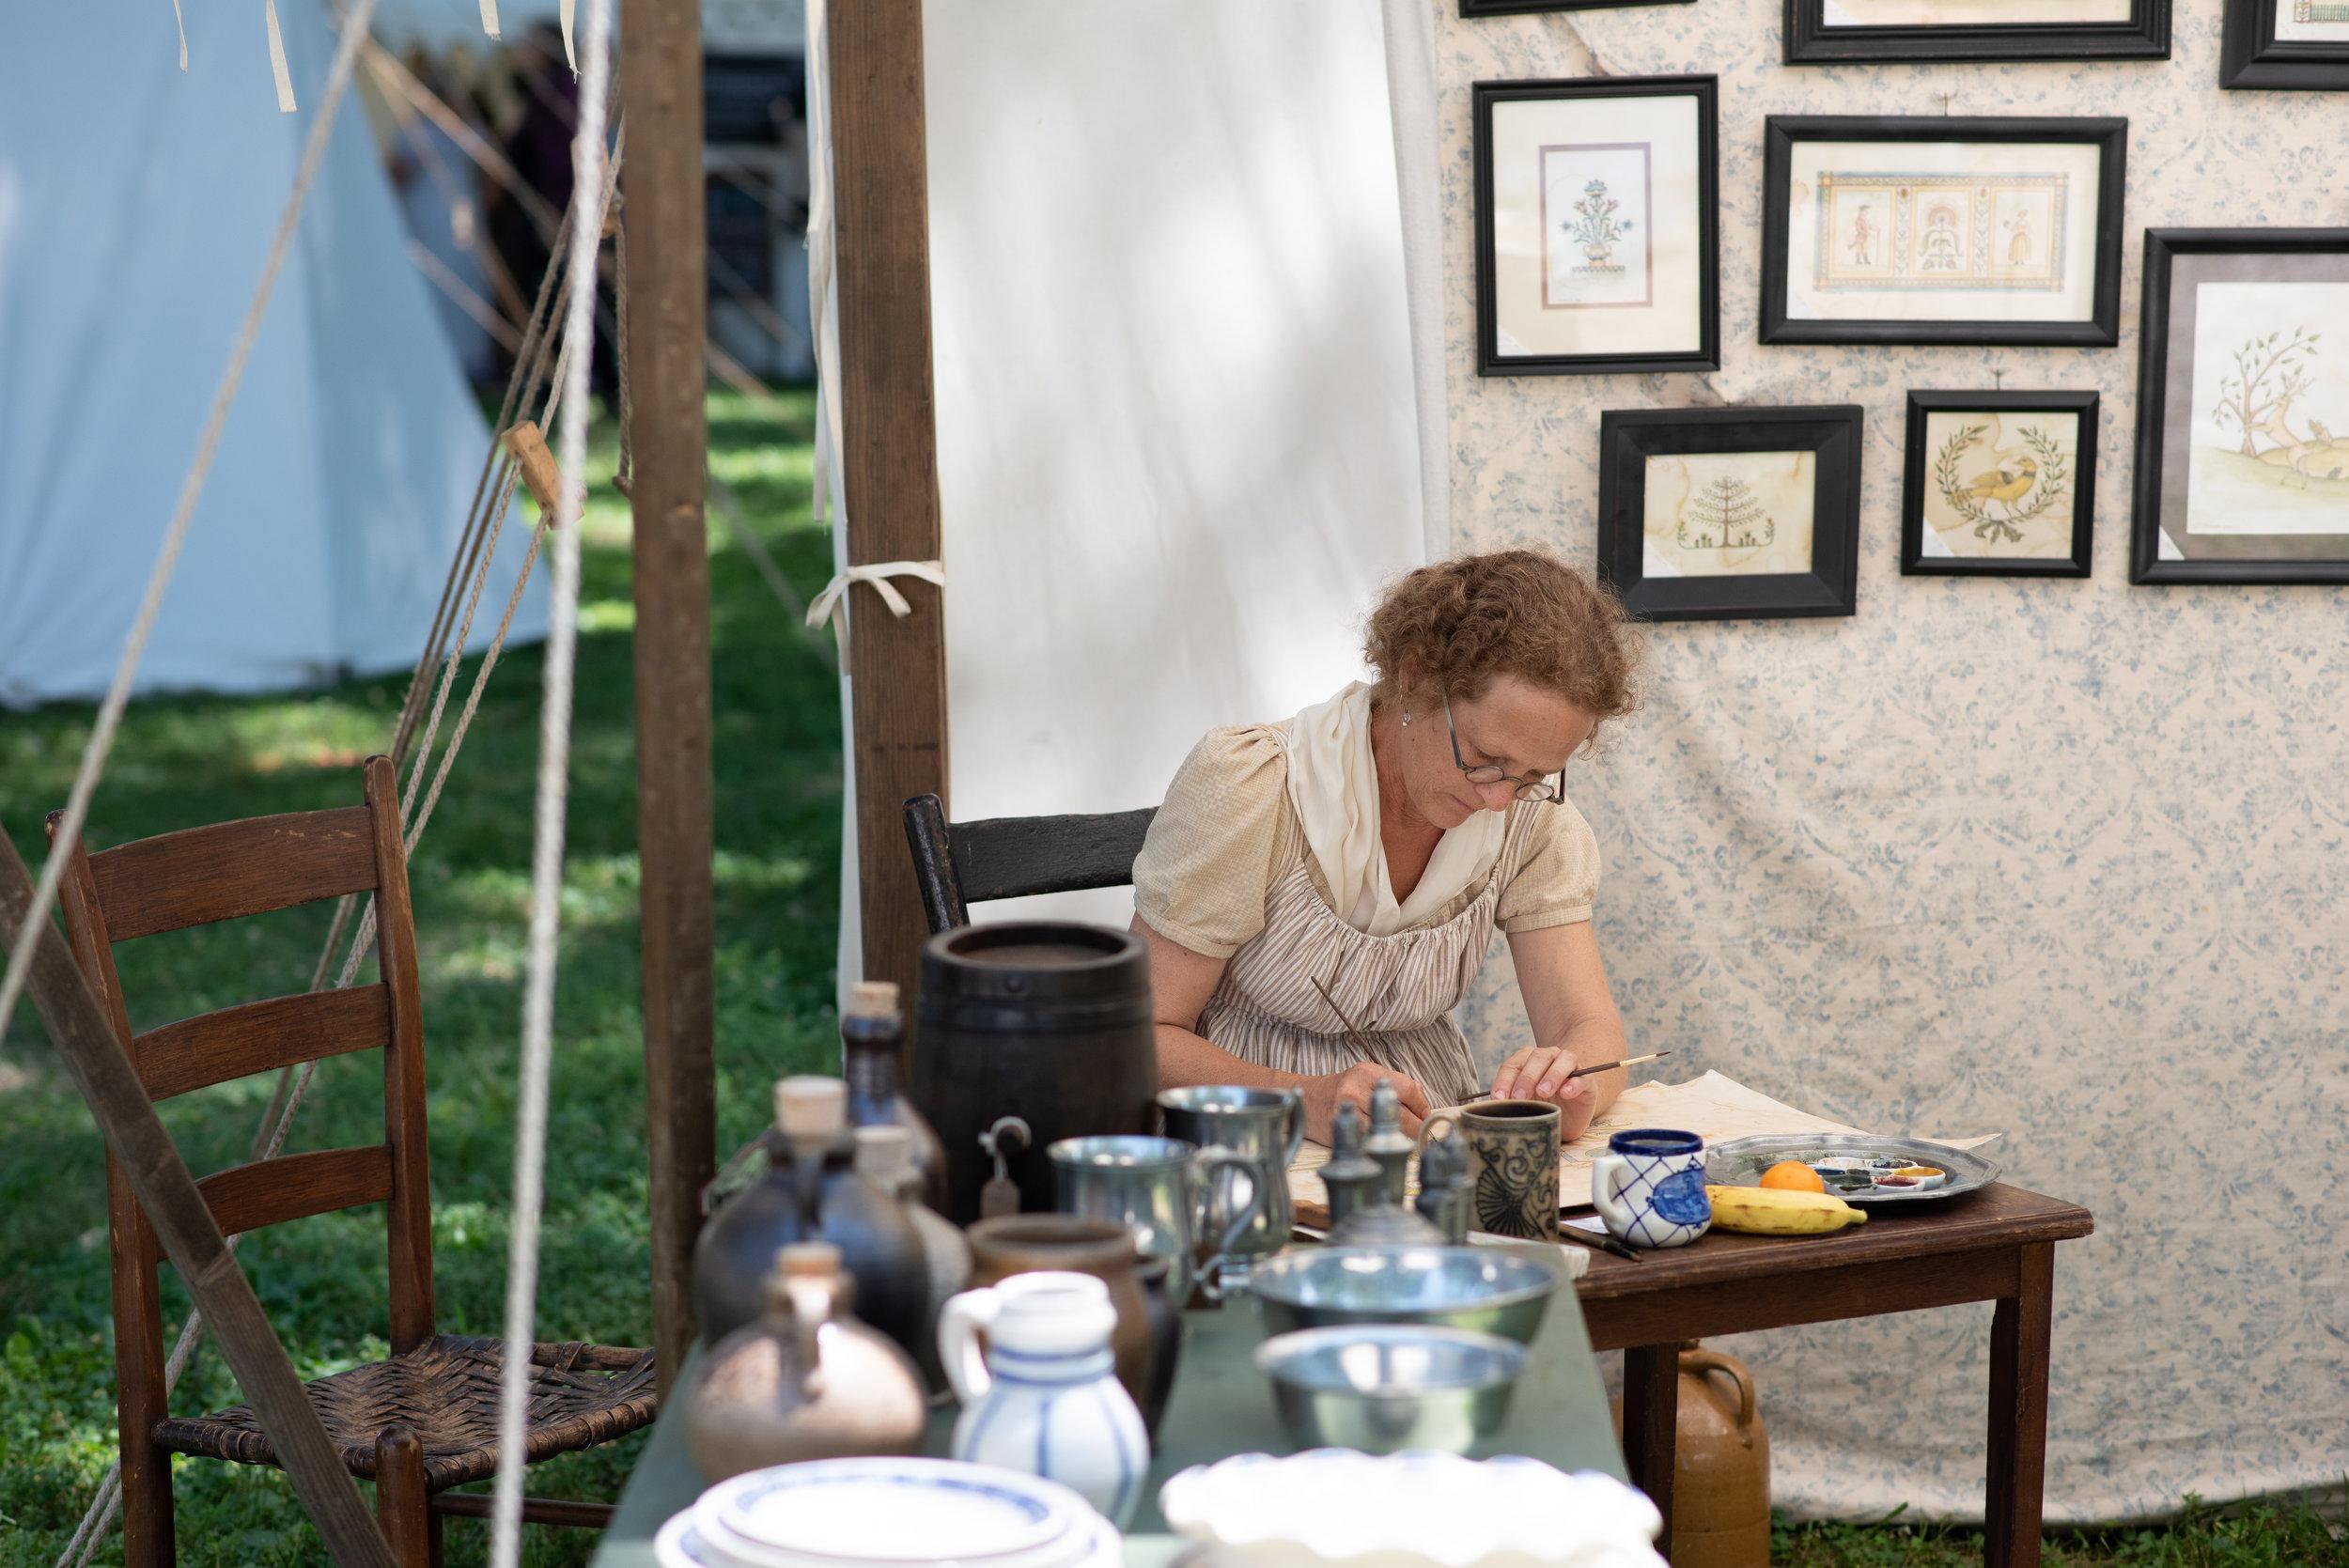 Jane Austen Festival Louisville Kentucky 2019 Regency Federal watercolor artist